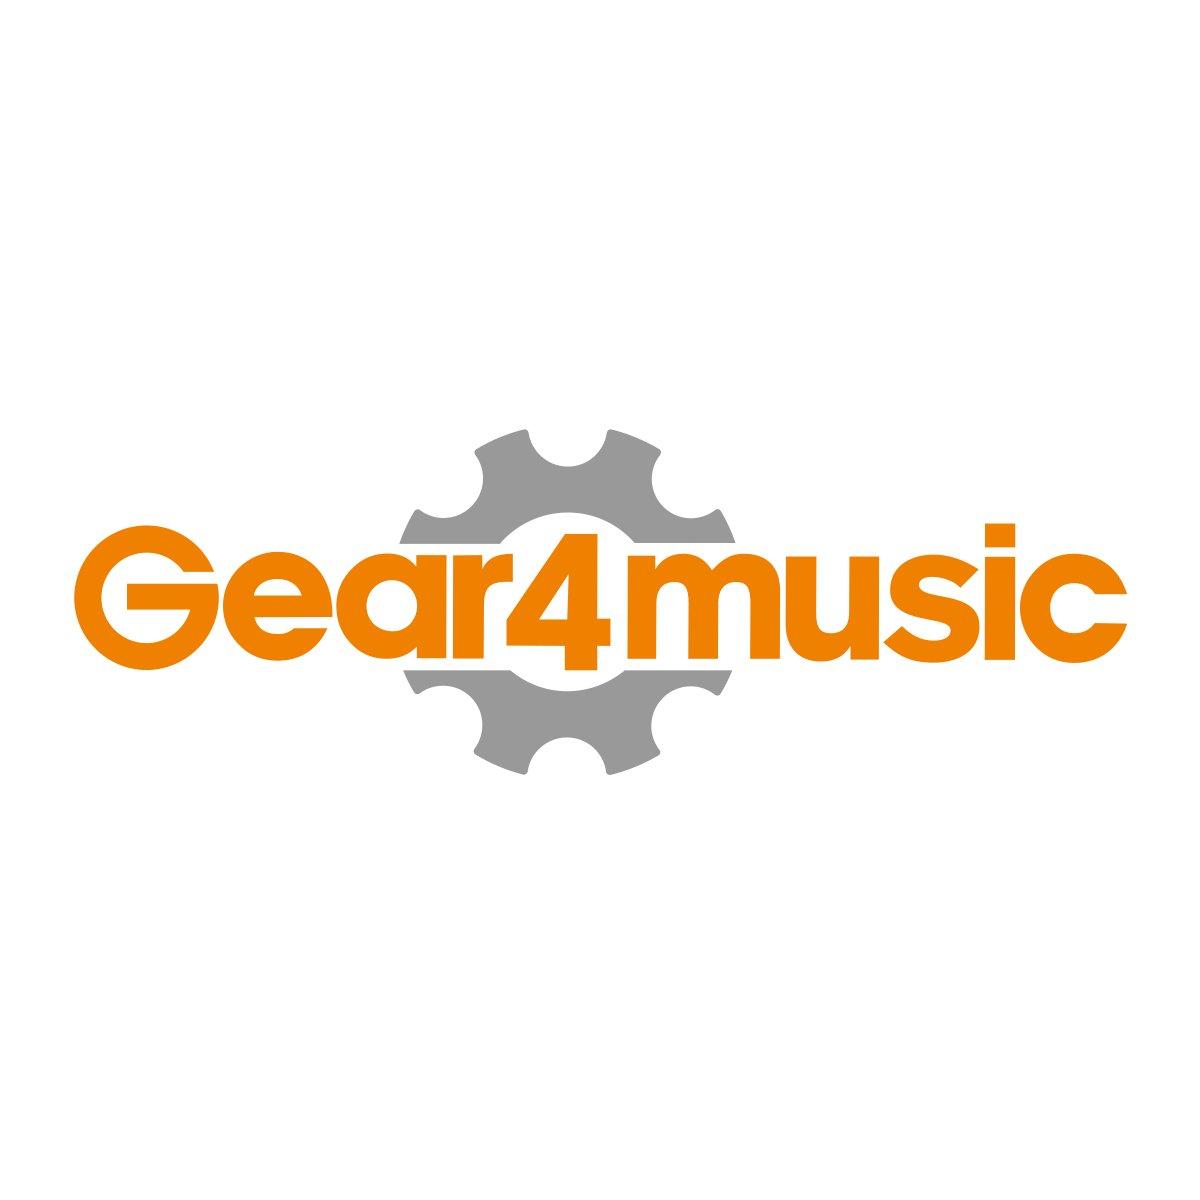 Soportes de sobremesa para altavoces por gear4music par - Soportes altavoces pared ...